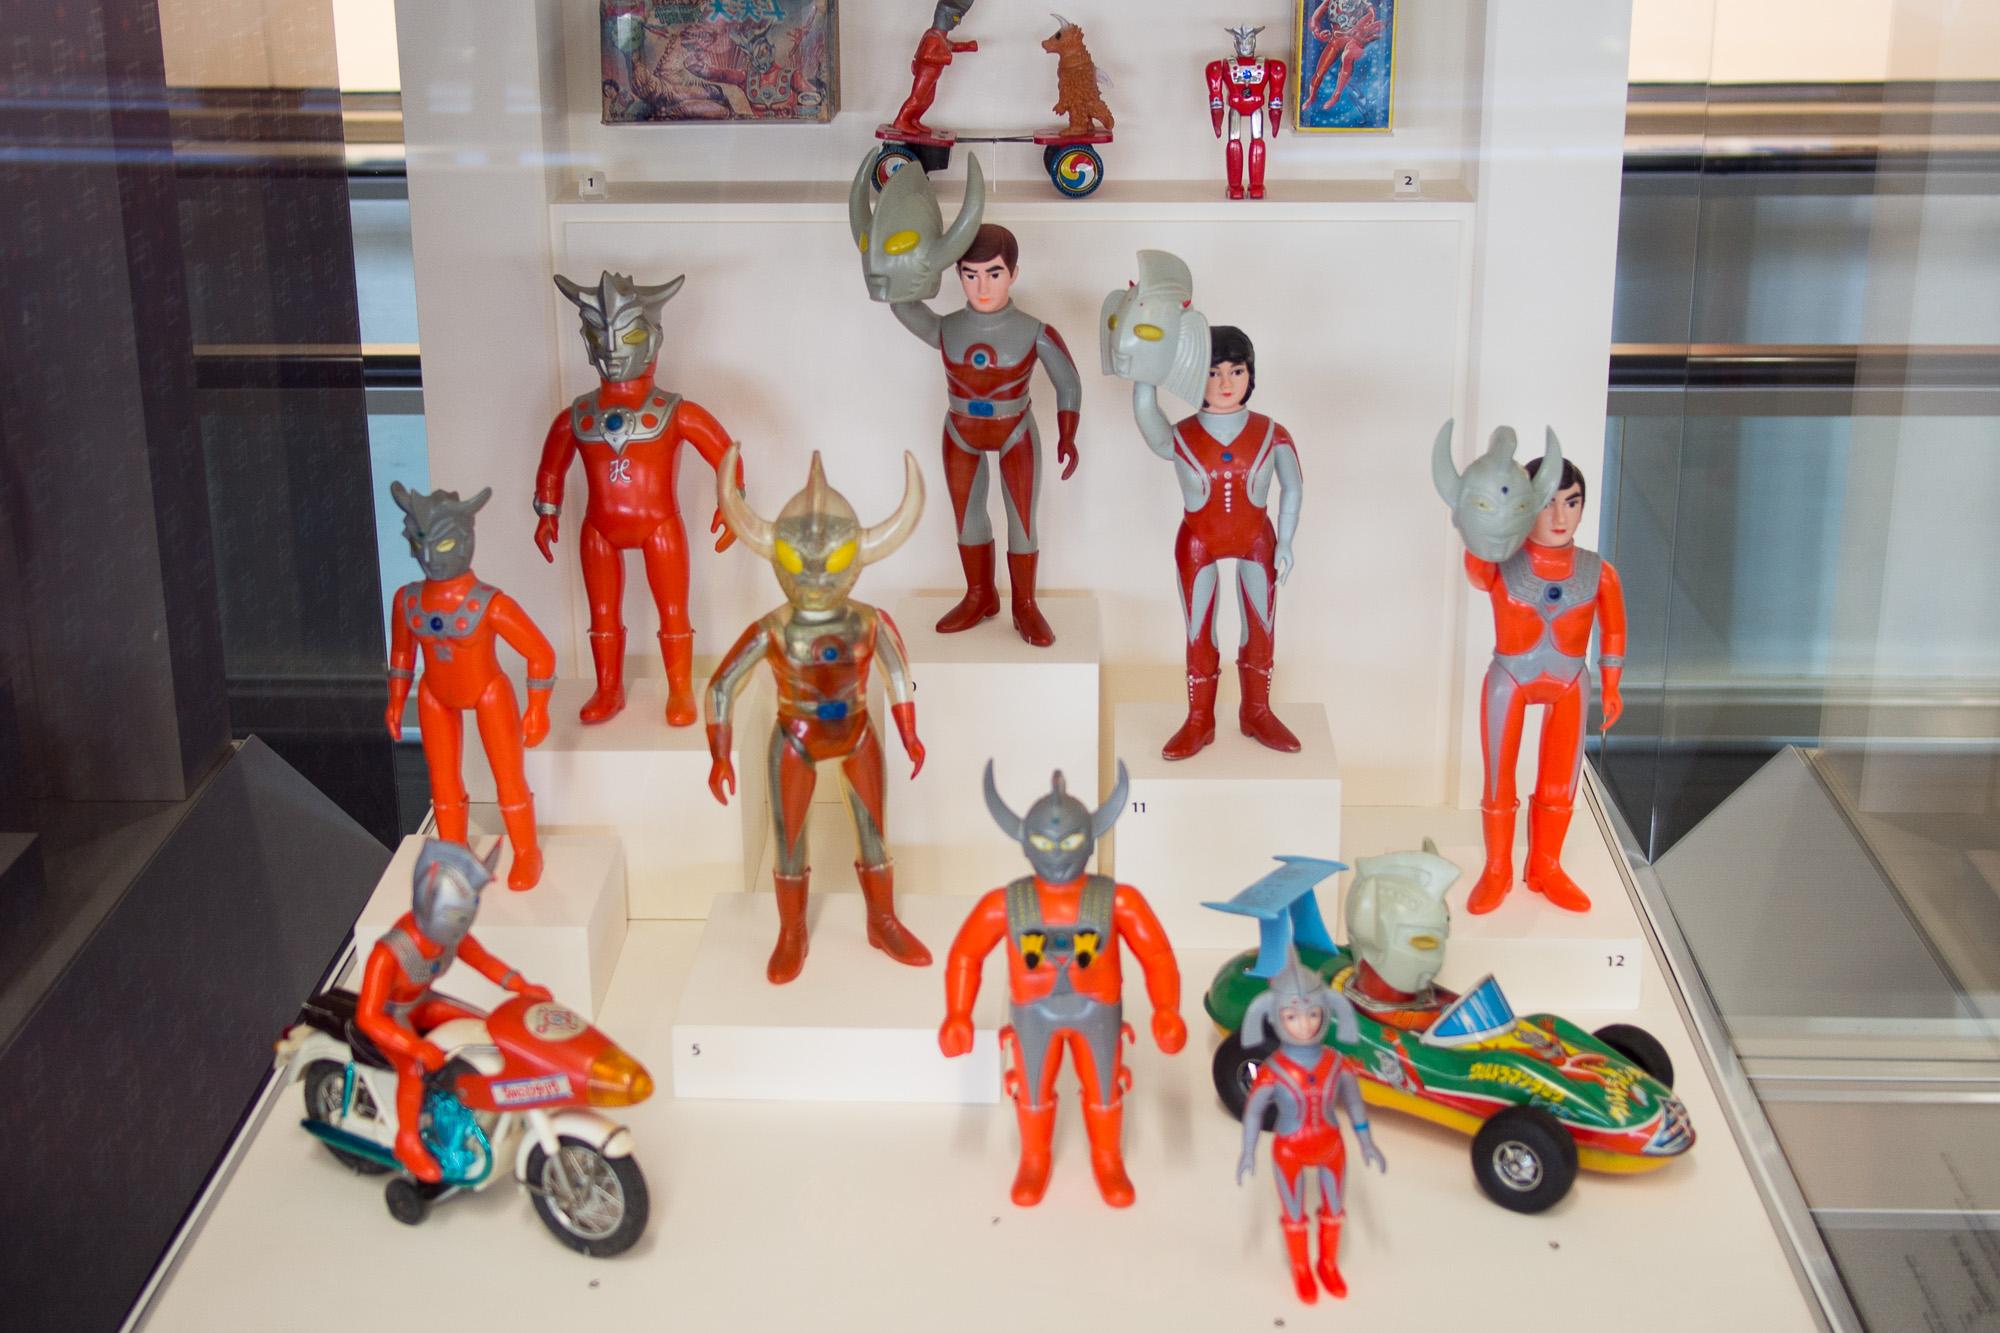 Ultramen toys